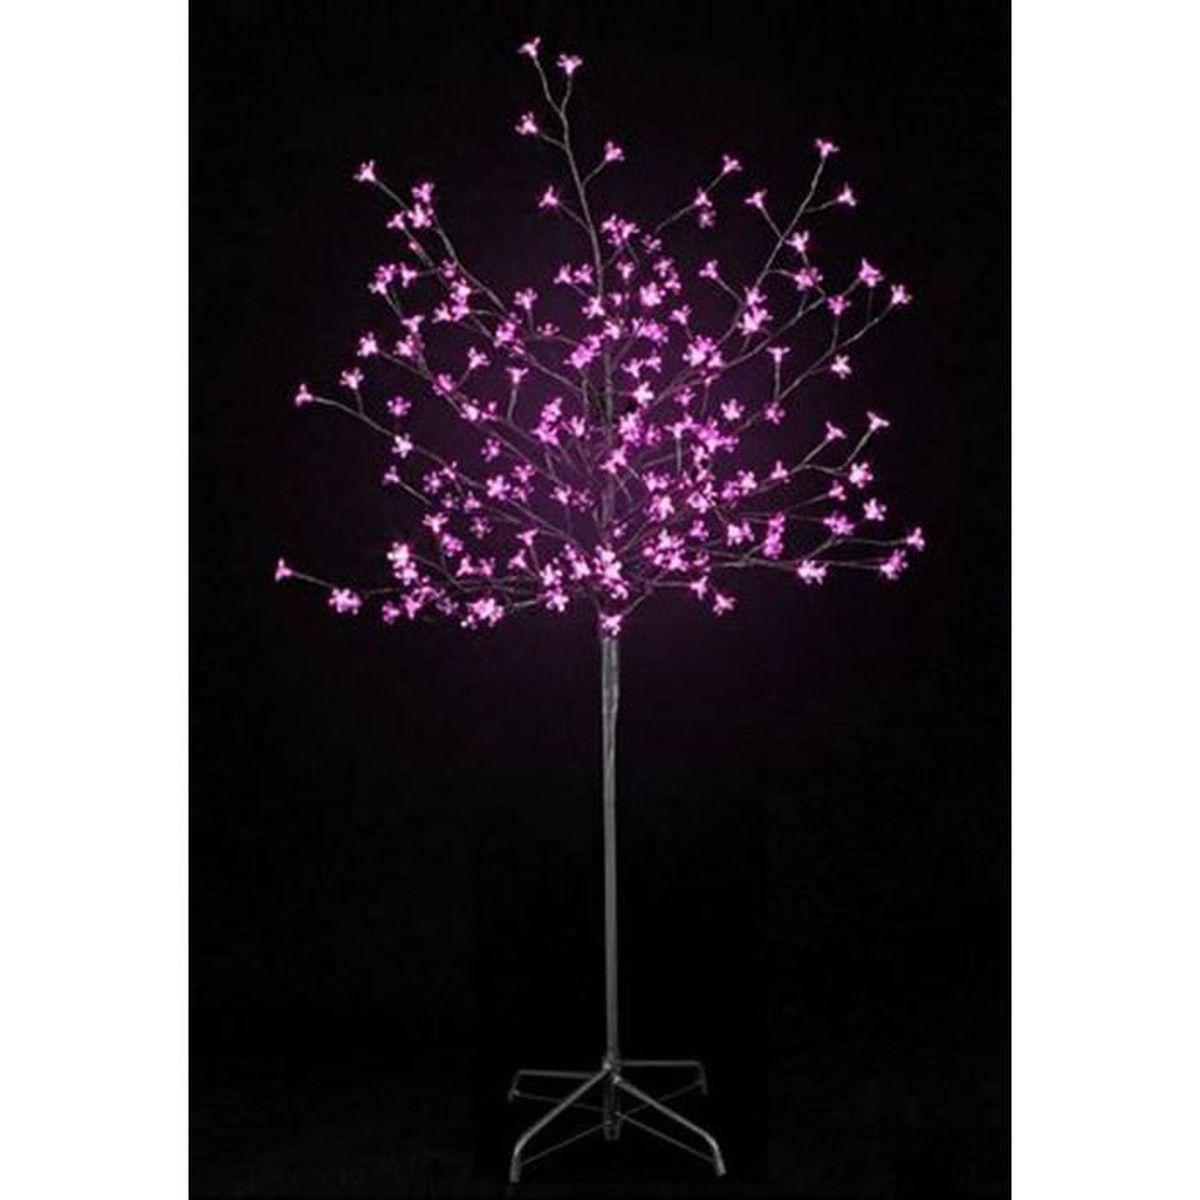 Arbre prunus lumineux 200 led en rose 150 cm achat - Arbre lumineux exterieur noel ...